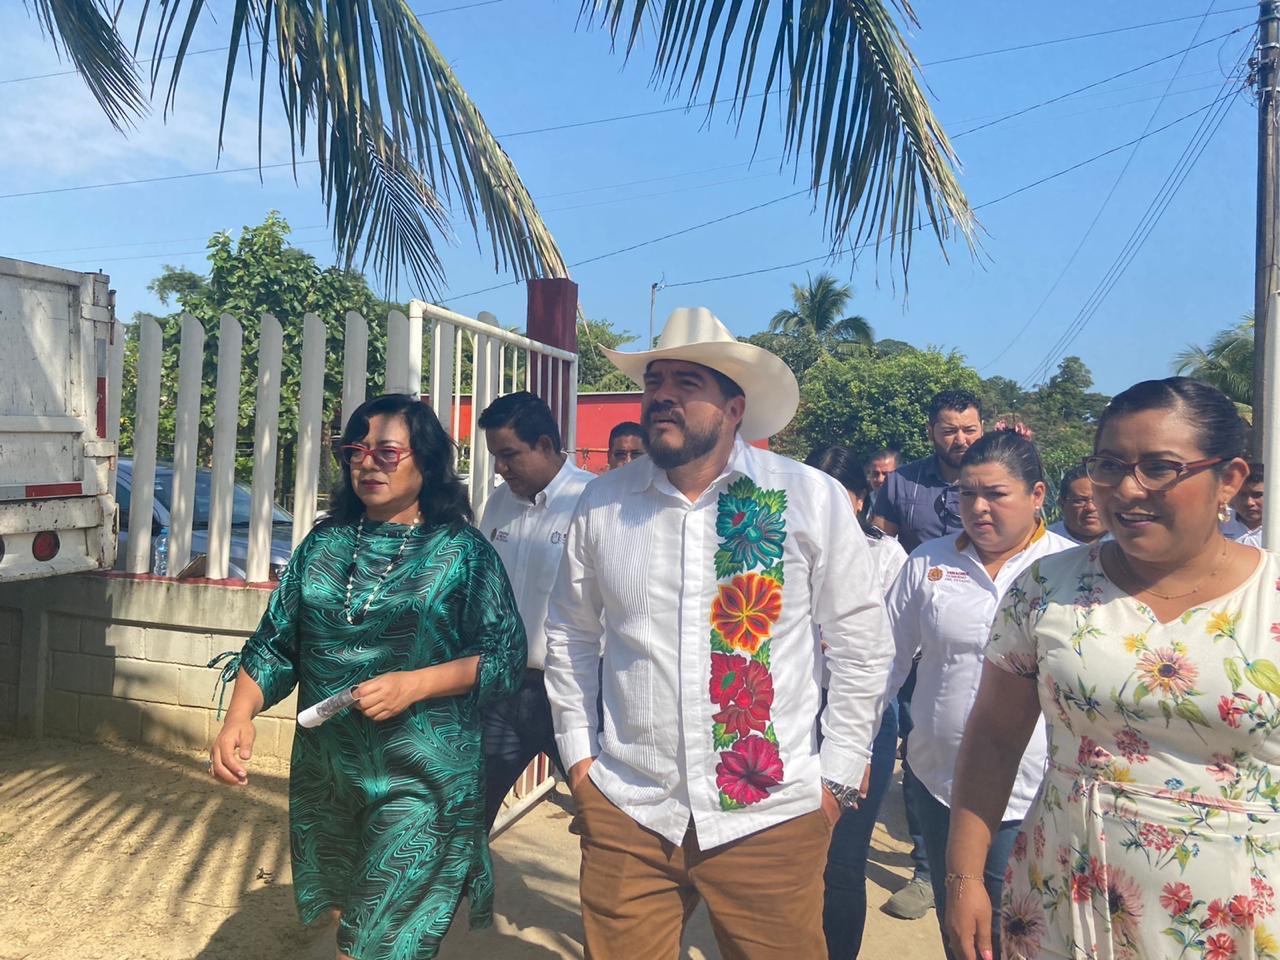 Gobernador definirá si habrá suspensión por Carnaval